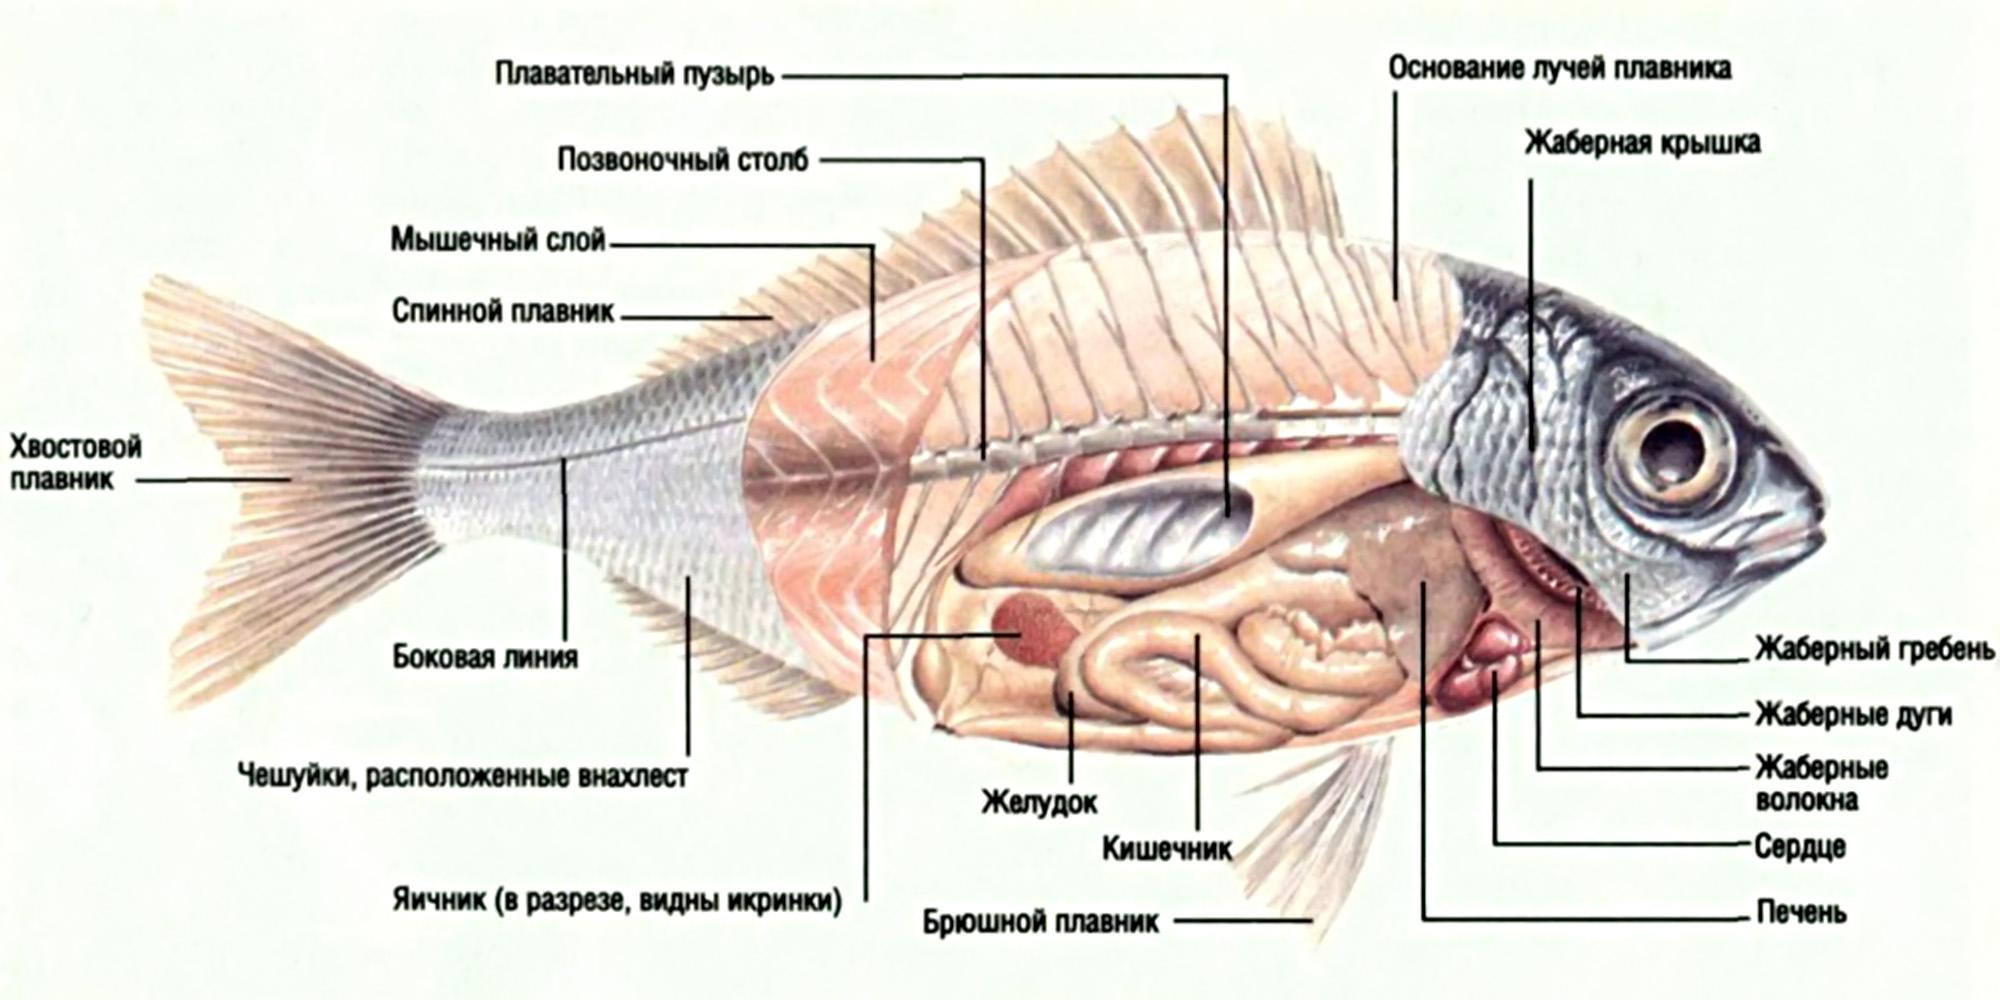 Схема строения сердца у хрящевых рыб